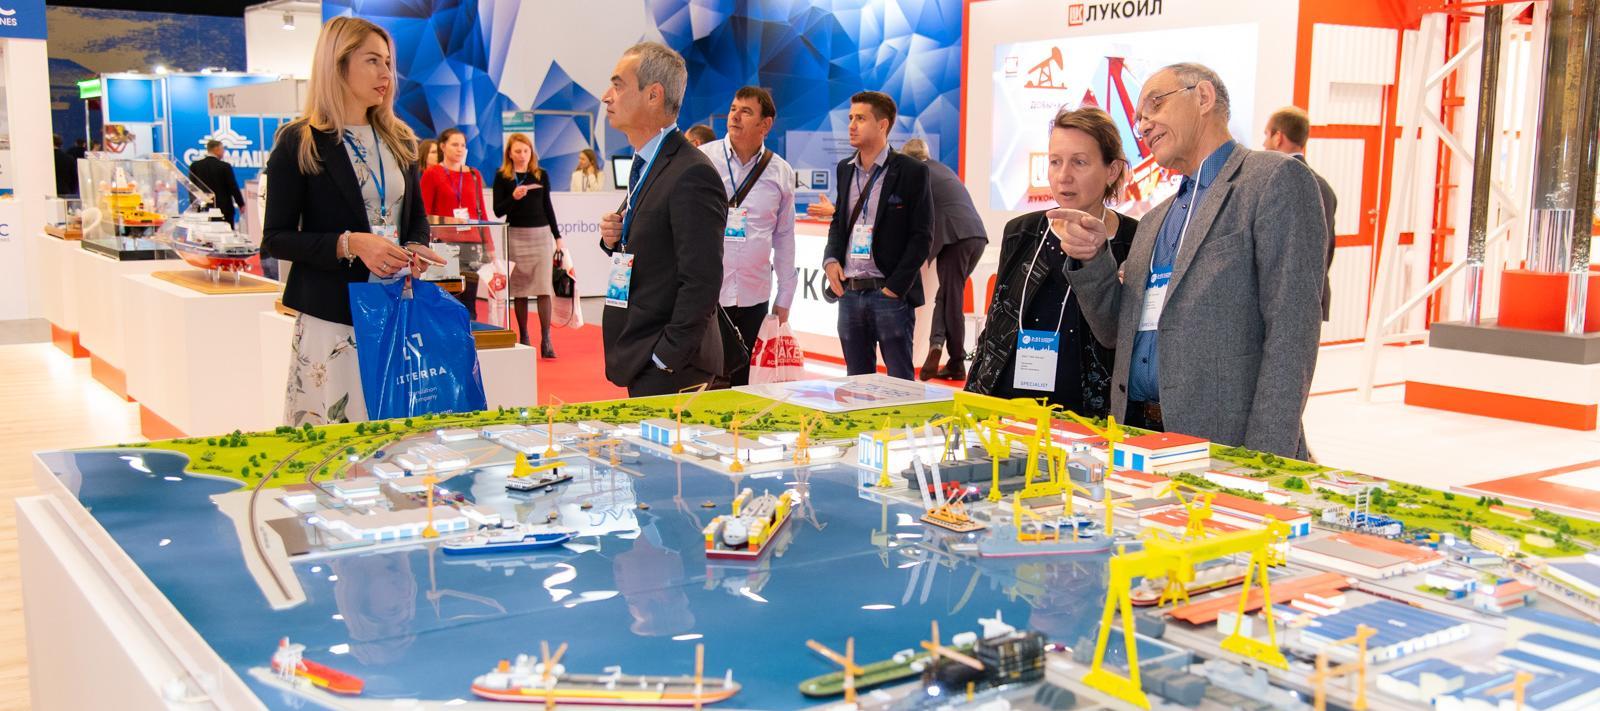 «И один в поле воин» - выставка и конференция OMR 2020 состоится 6-9 октября в Санкт-Петербурге!